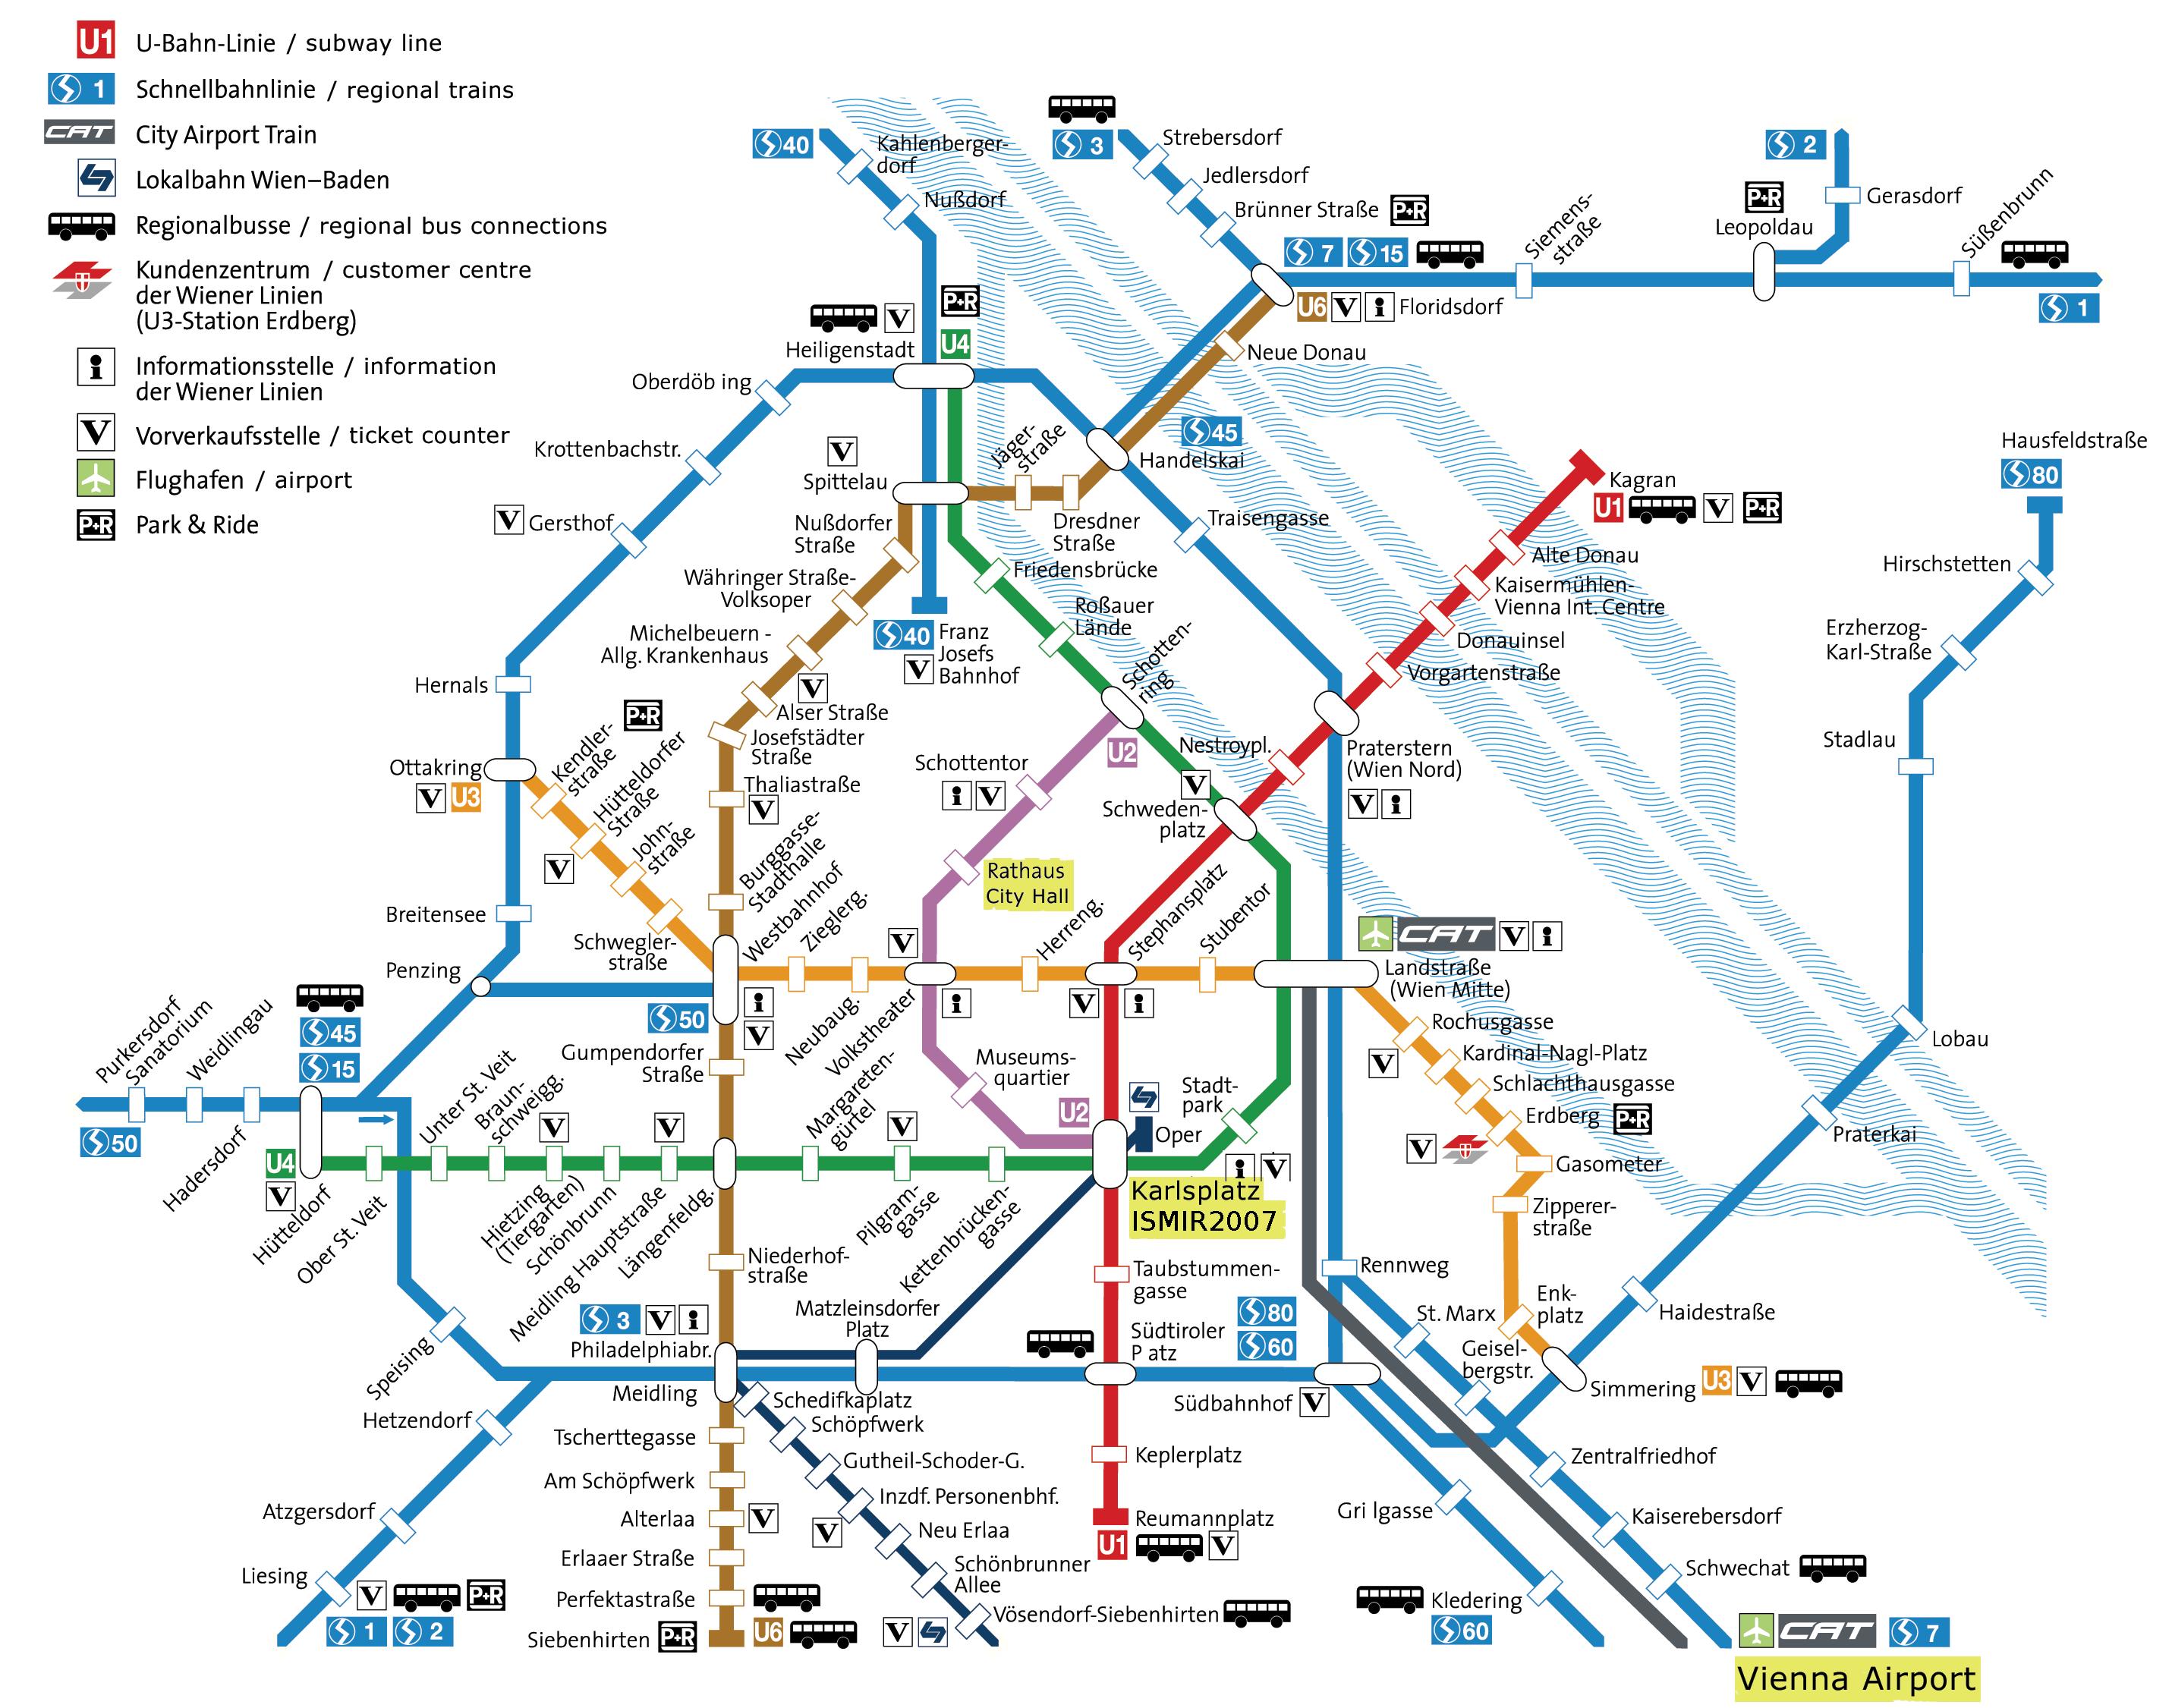 Схема метро вены с достопримечательностями на русском языке